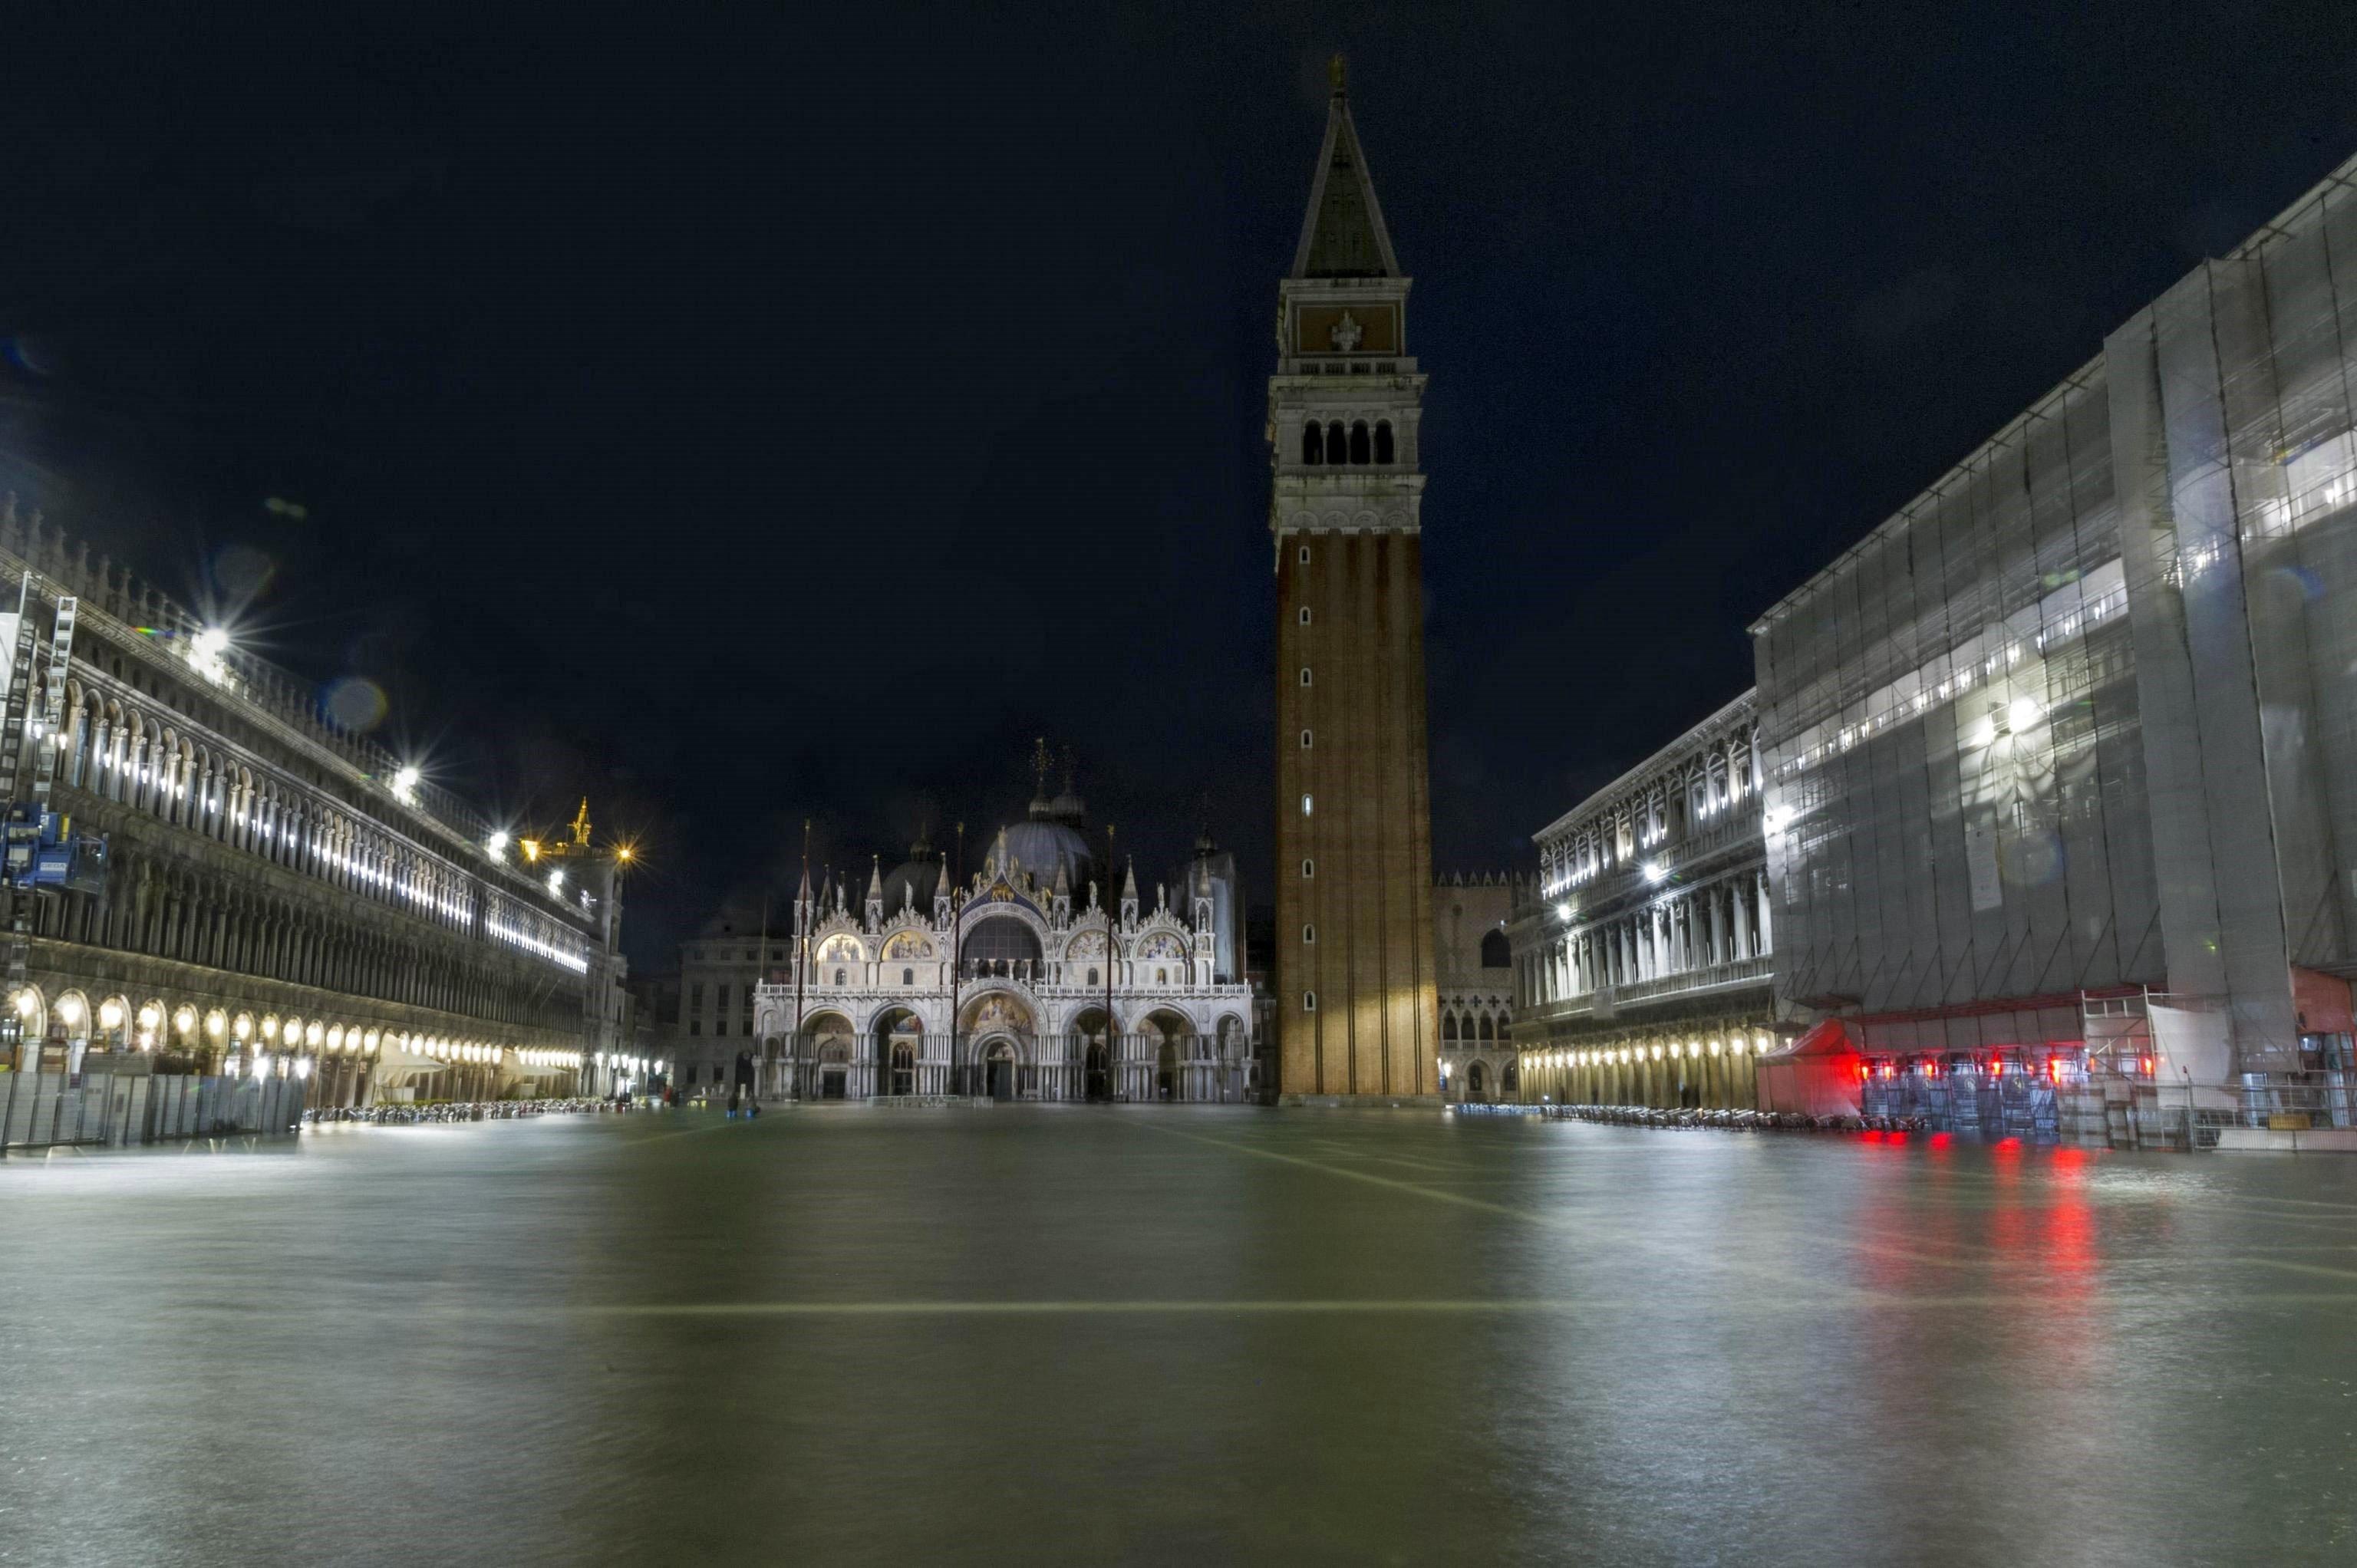 """Vista de la plaça de Sant Marc inundada a causa de la primera """"acqua alta"""", o pujada de la marea de l'any, a Venècia (Itàlia). /RICCARDO GREGOLIN"""